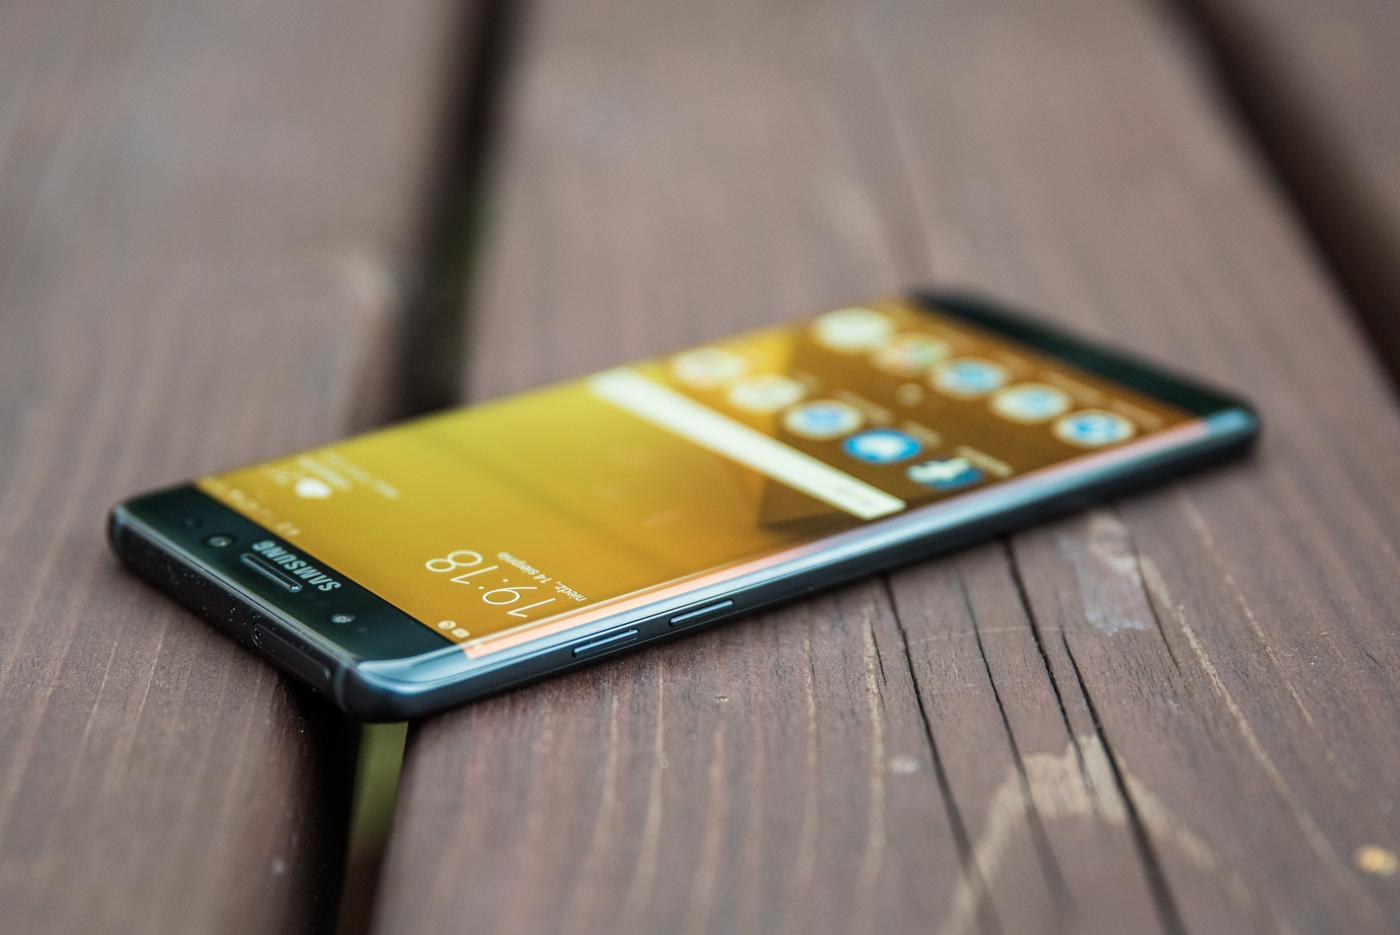 To już naprawdę koniec. Samsunga Galaxy Note 7 nie ma i już nigdy nie będzie